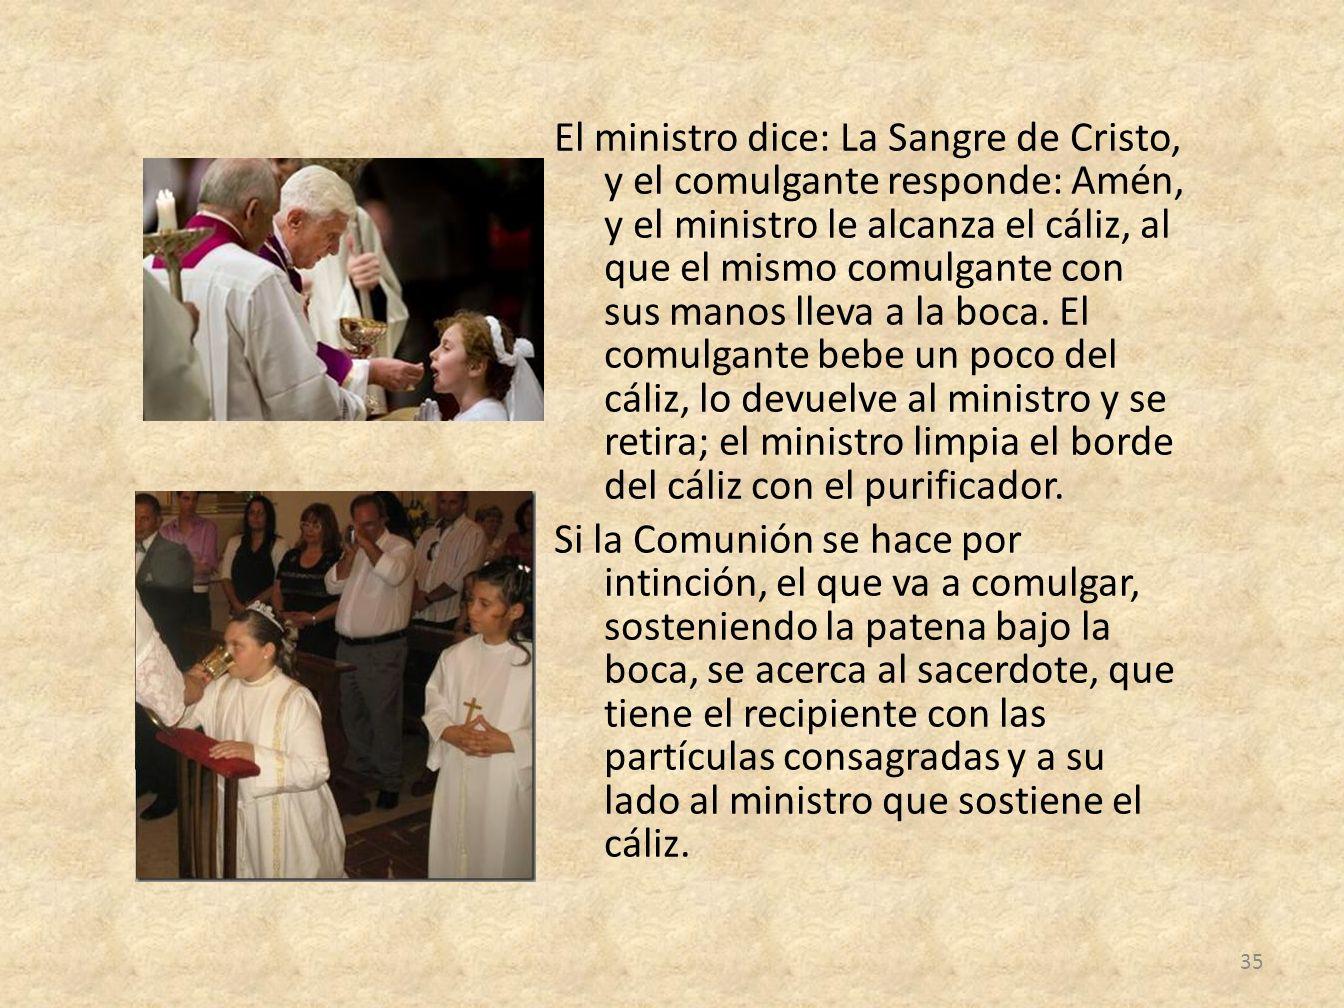 El ministro dice: La Sangre de Cristo, y el comulgante responde: Amén, y el ministro le alcanza el cáliz, al que el mismo comulgante con sus manos lle